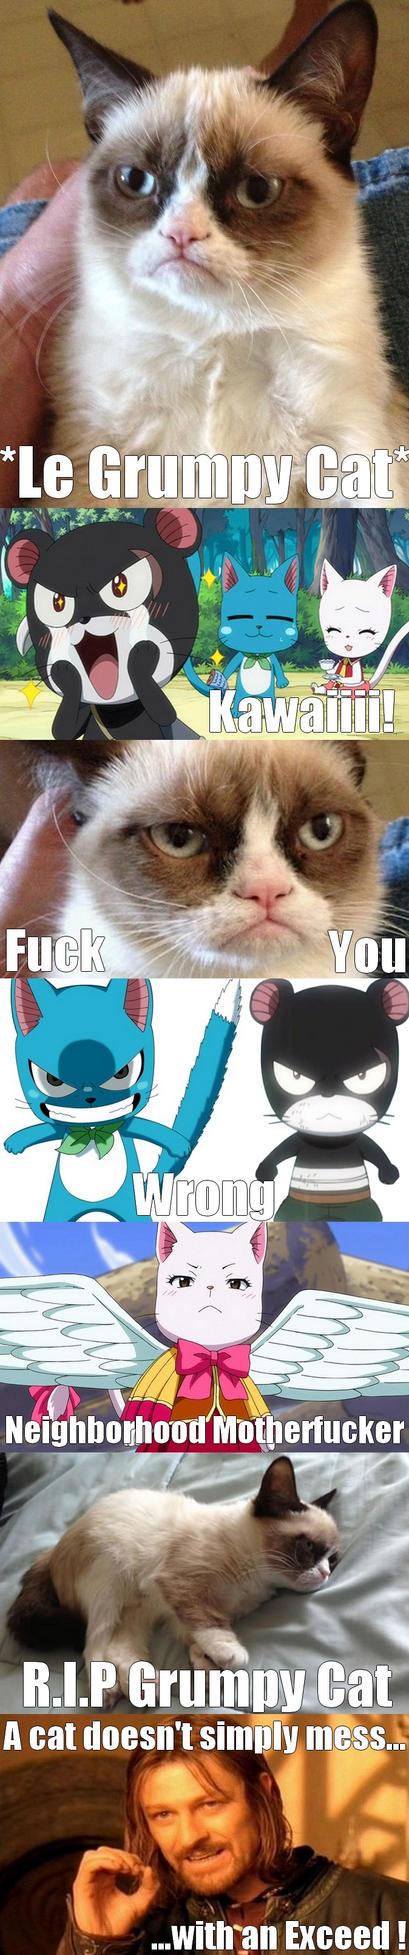 Exceed vs Grumpy Cat by Eroshik